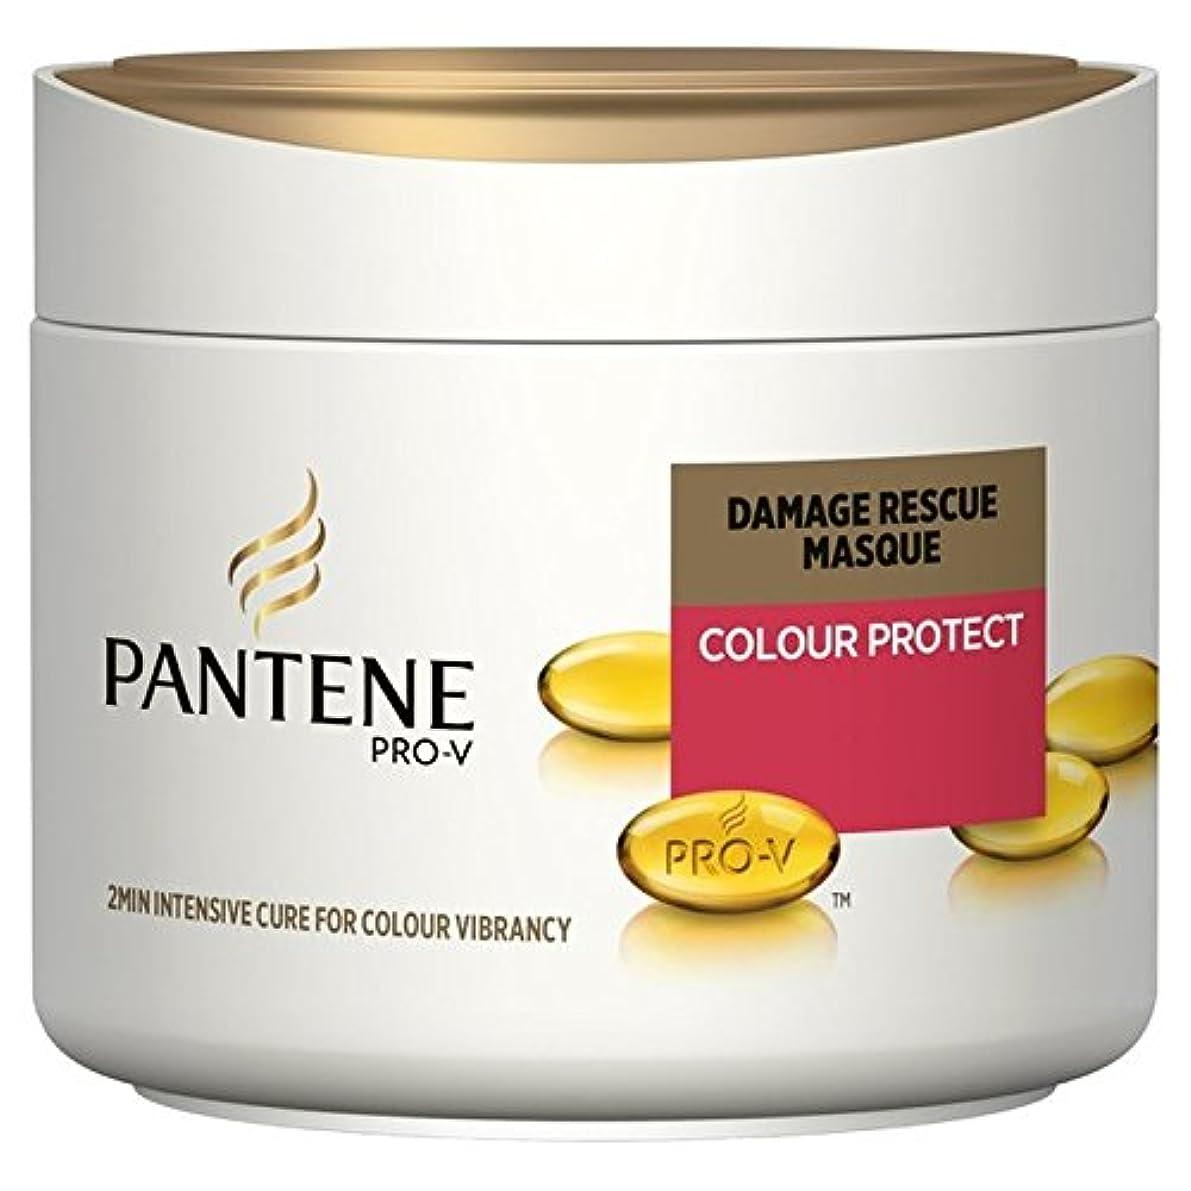 カタログ主要な可動式パンテーンの2分の色が損傷レスキュー仮面の300ミリリットルを保護します x4 - Pantene 2min Colour Protect Damage Rescue Masque 300ml (Pack of 4) [並行輸入品]